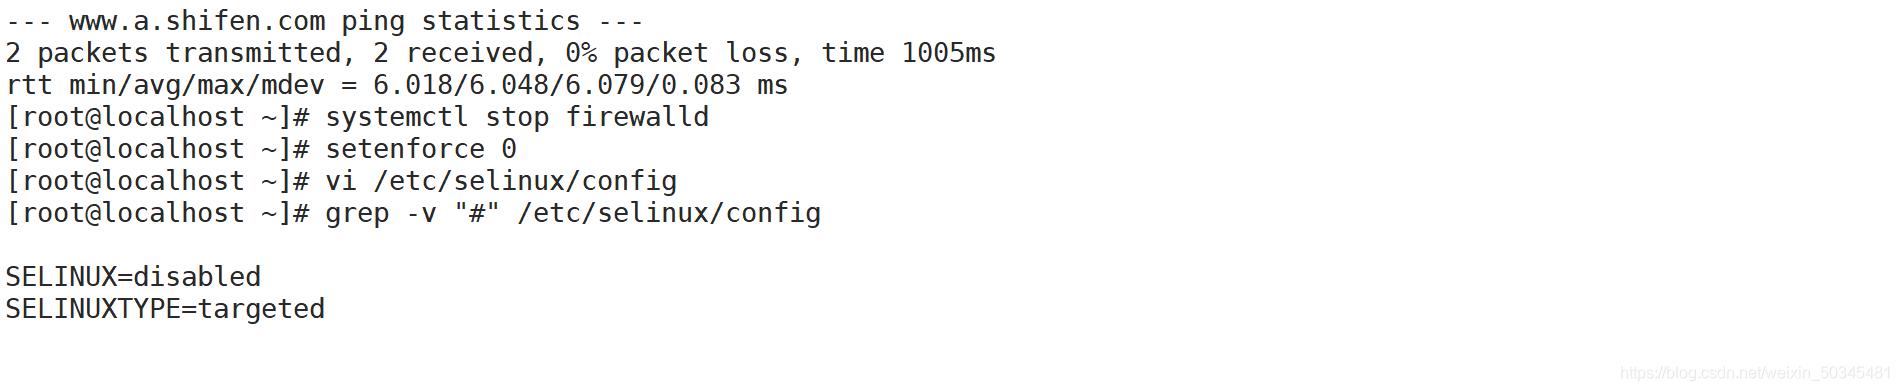 KVM虚拟化平台部署解析